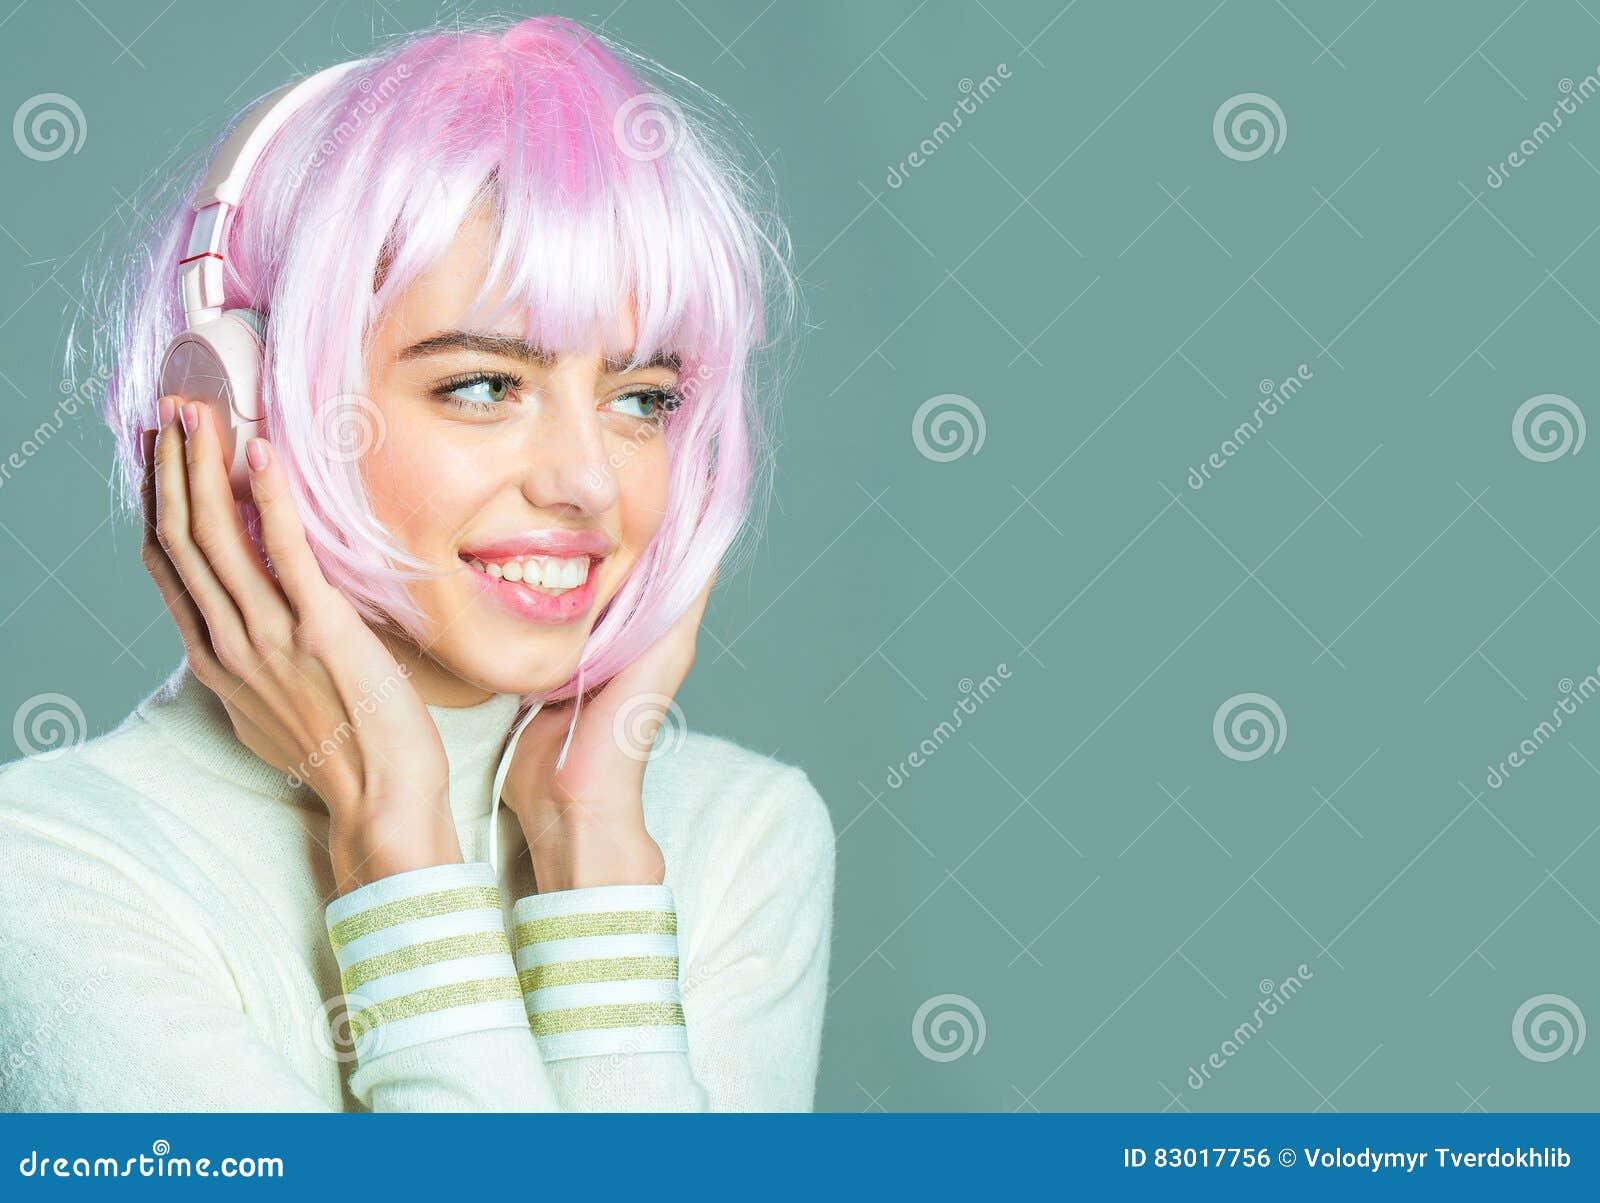 Девушка врозовом парике фото 91-141